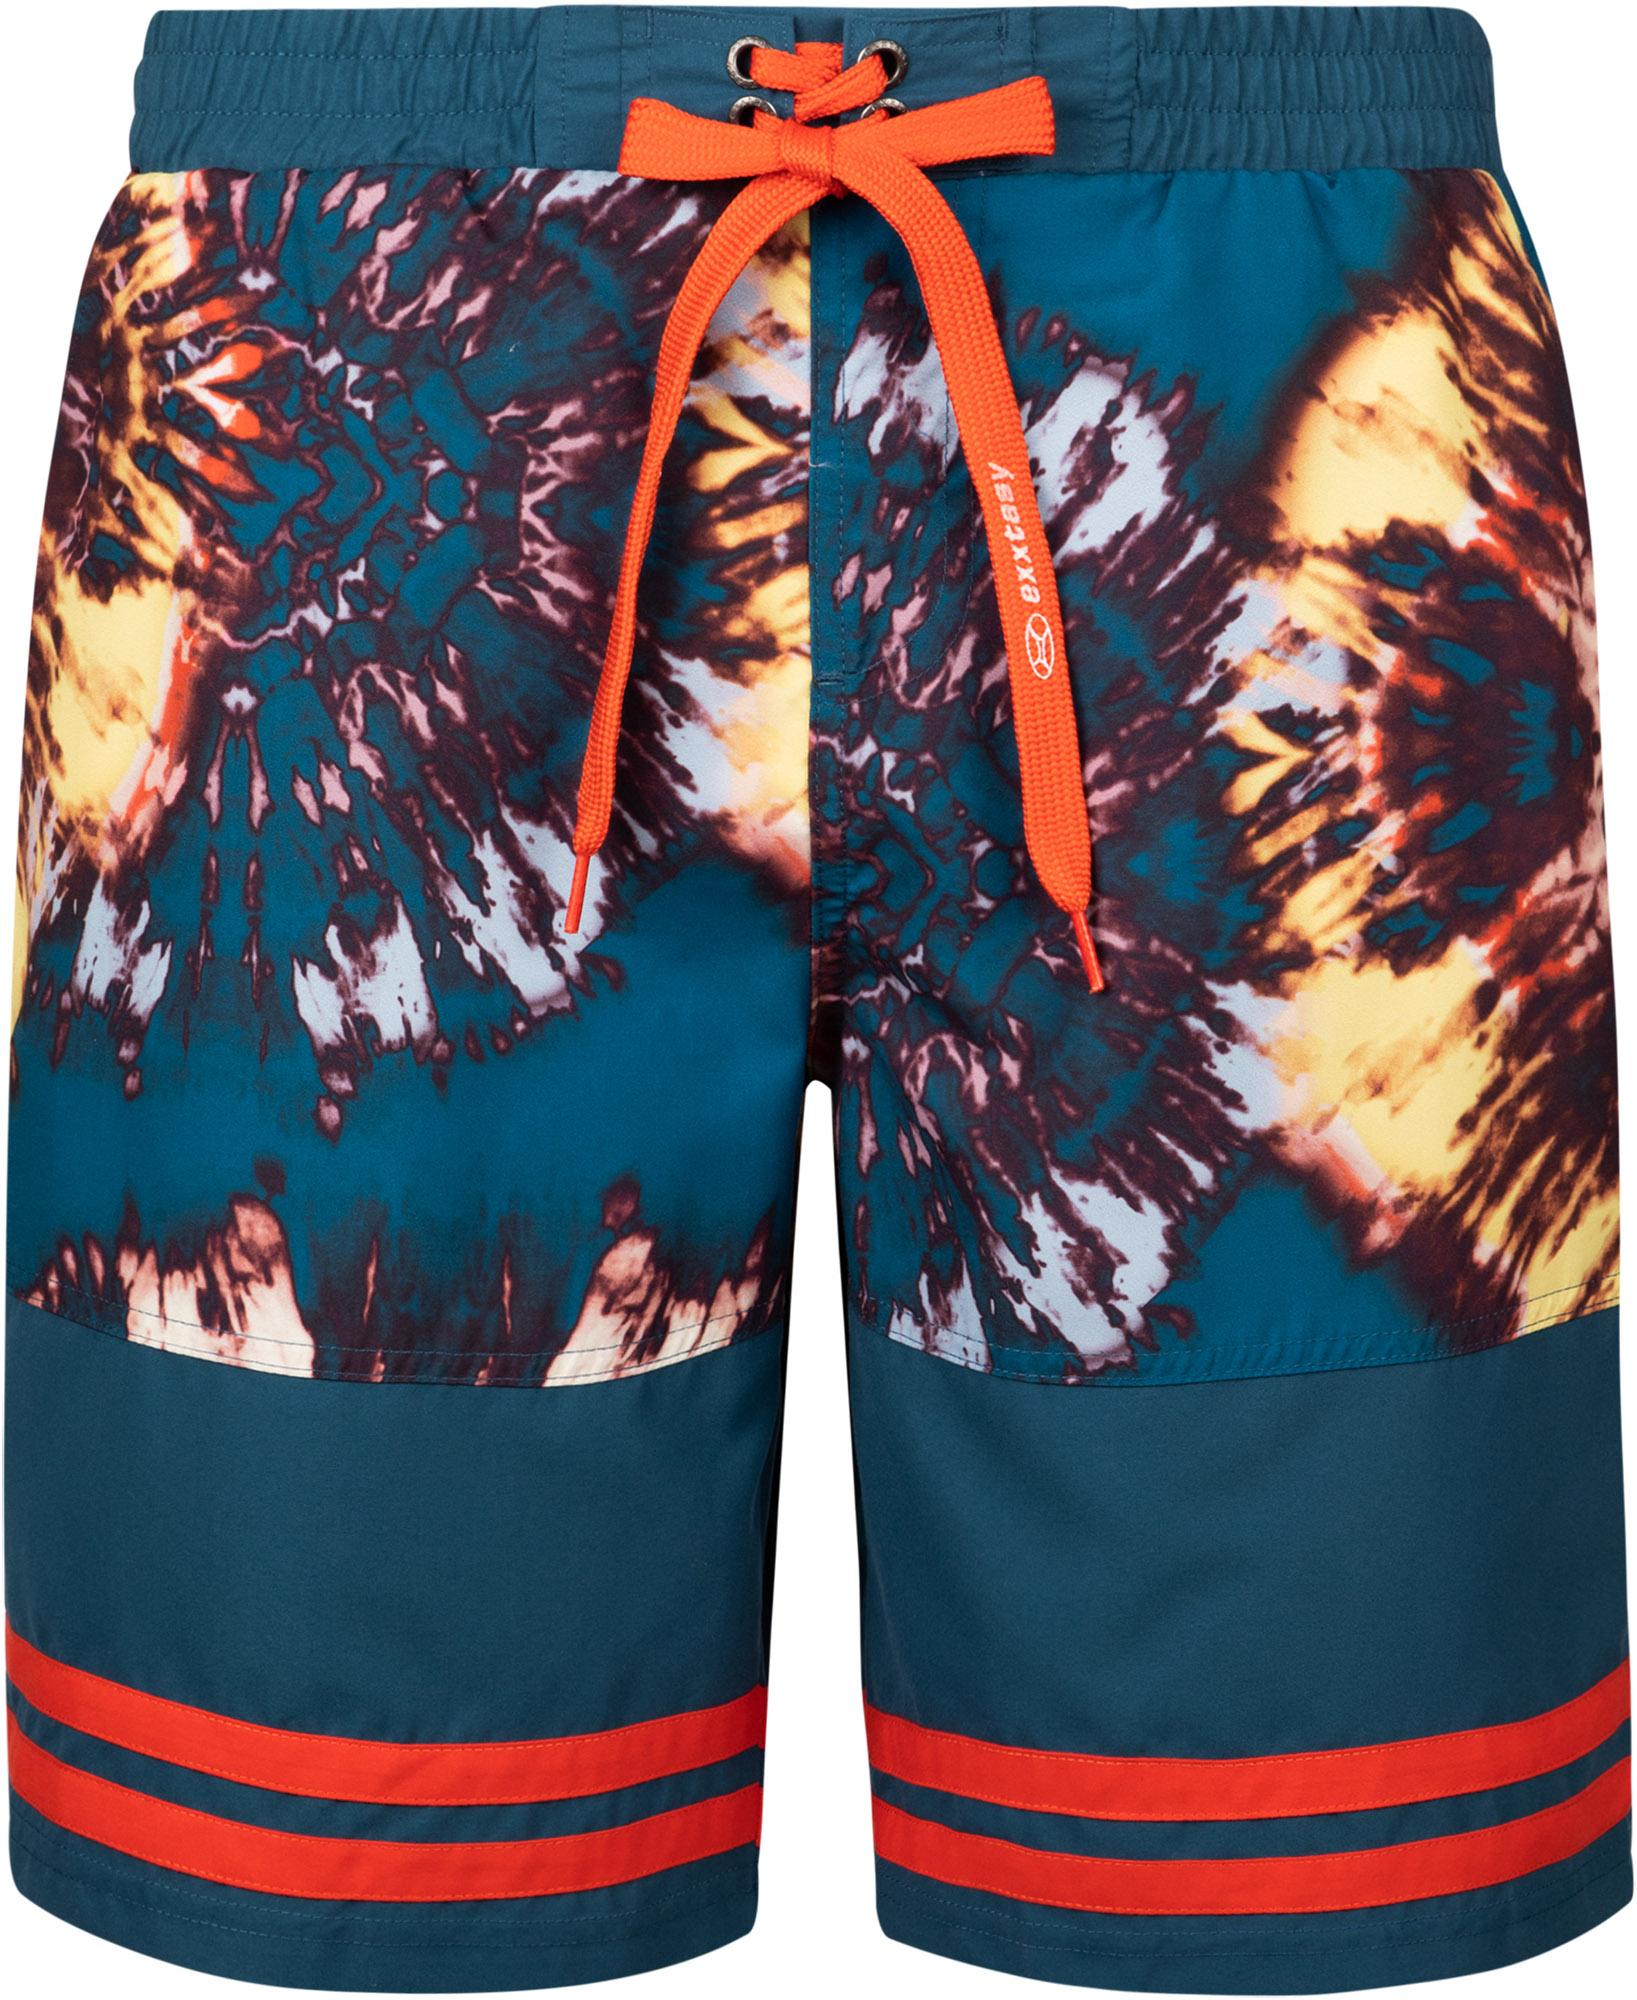 Exxtasy Шорты пляжные мужские Exxtasy Tracy, размер 54-56 шорты пляжные